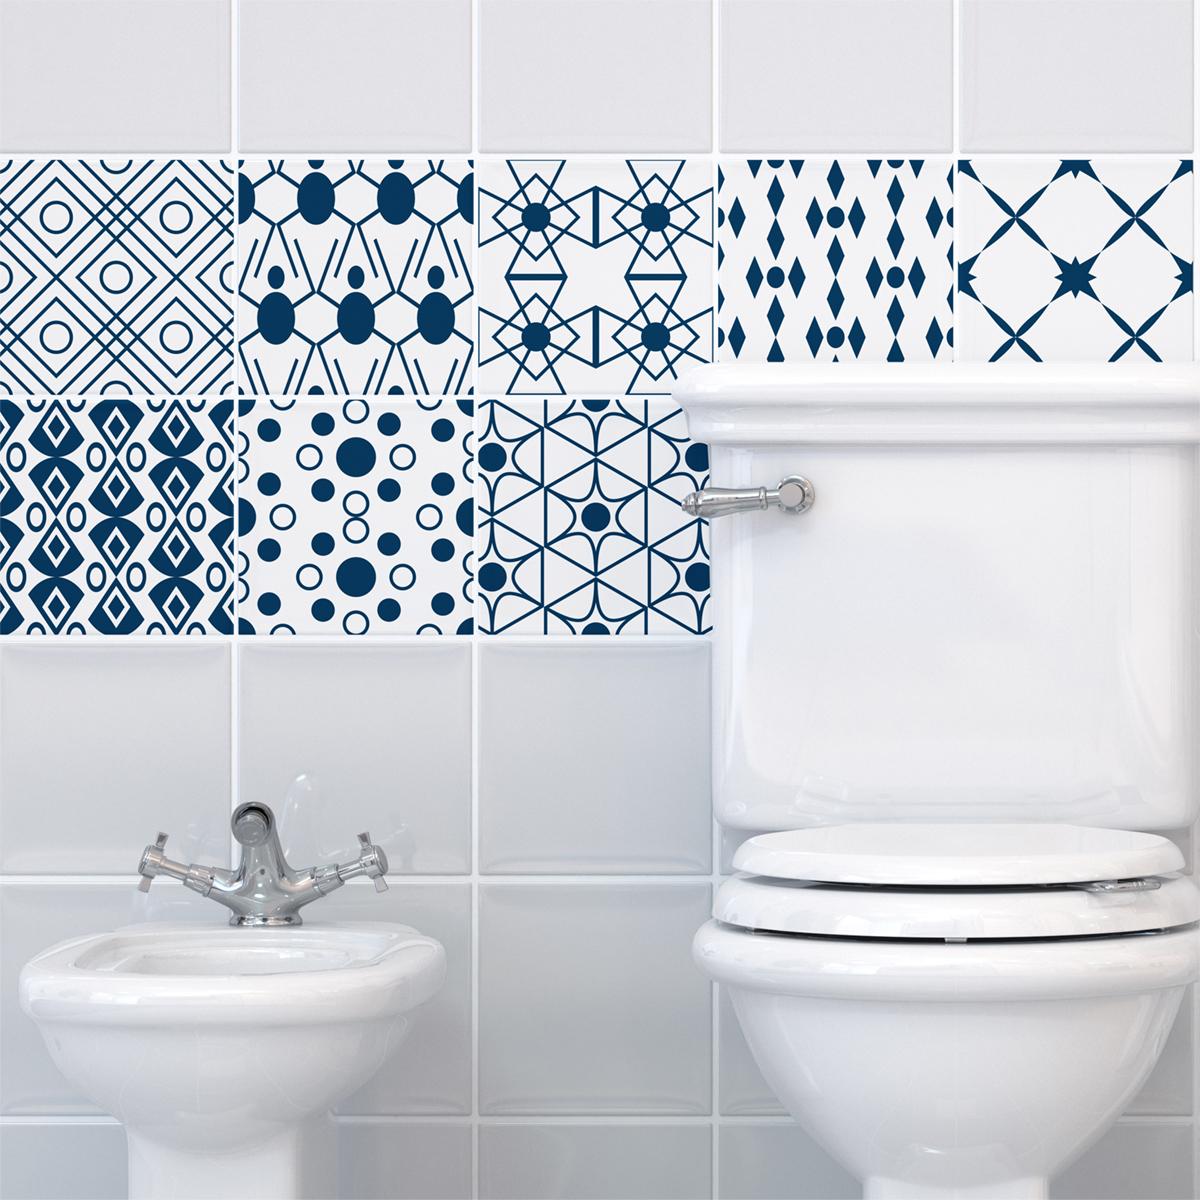 9 stickers carreaux de ciment scandinave latham salle de bain et wc salle de bain ambiance. Black Bedroom Furniture Sets. Home Design Ideas